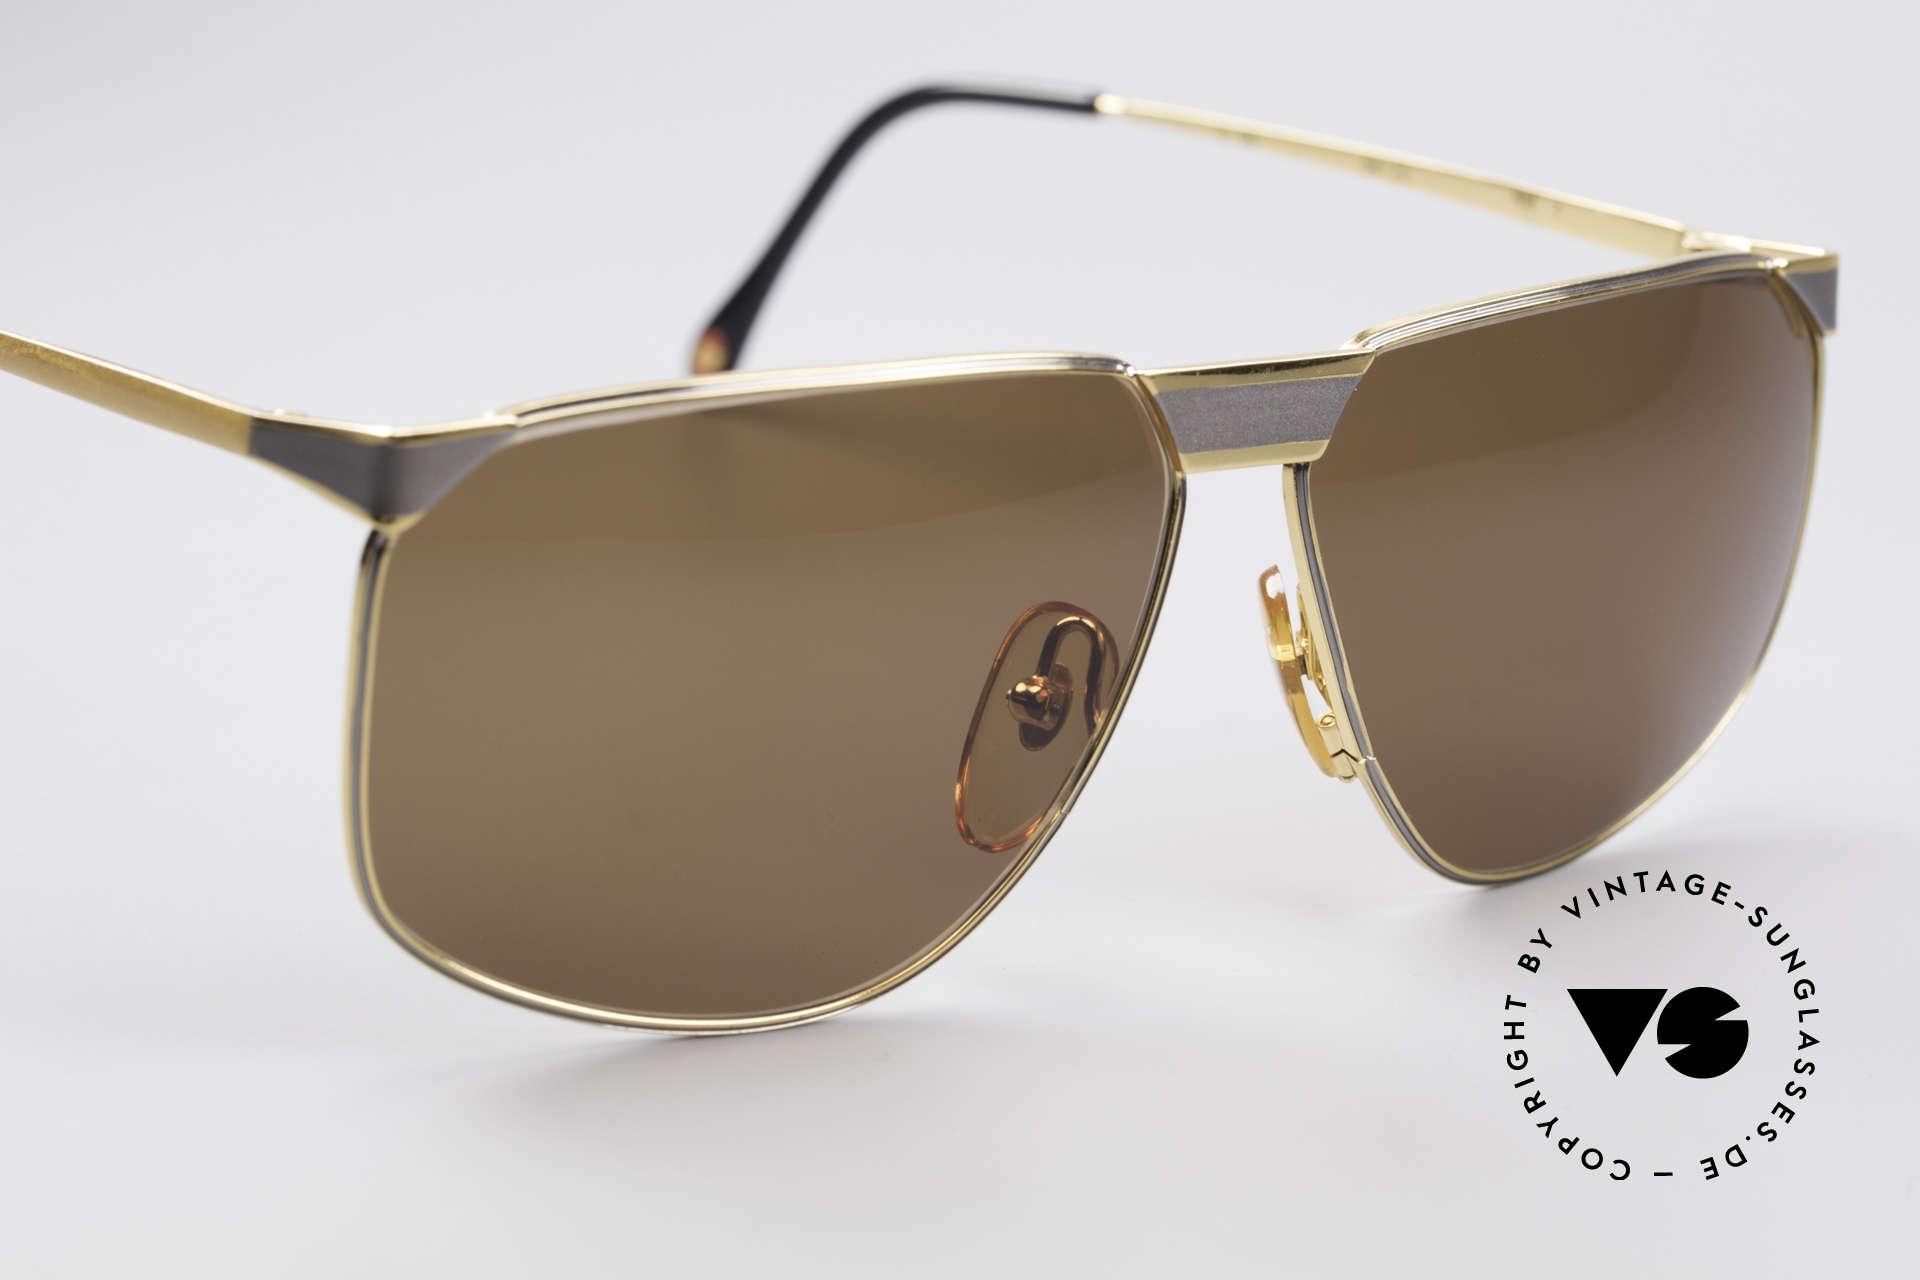 Casanova NM7 24KT Gold Plated Shades, NO RETRO glasses; but a precious vintage original, Made for Men and Women